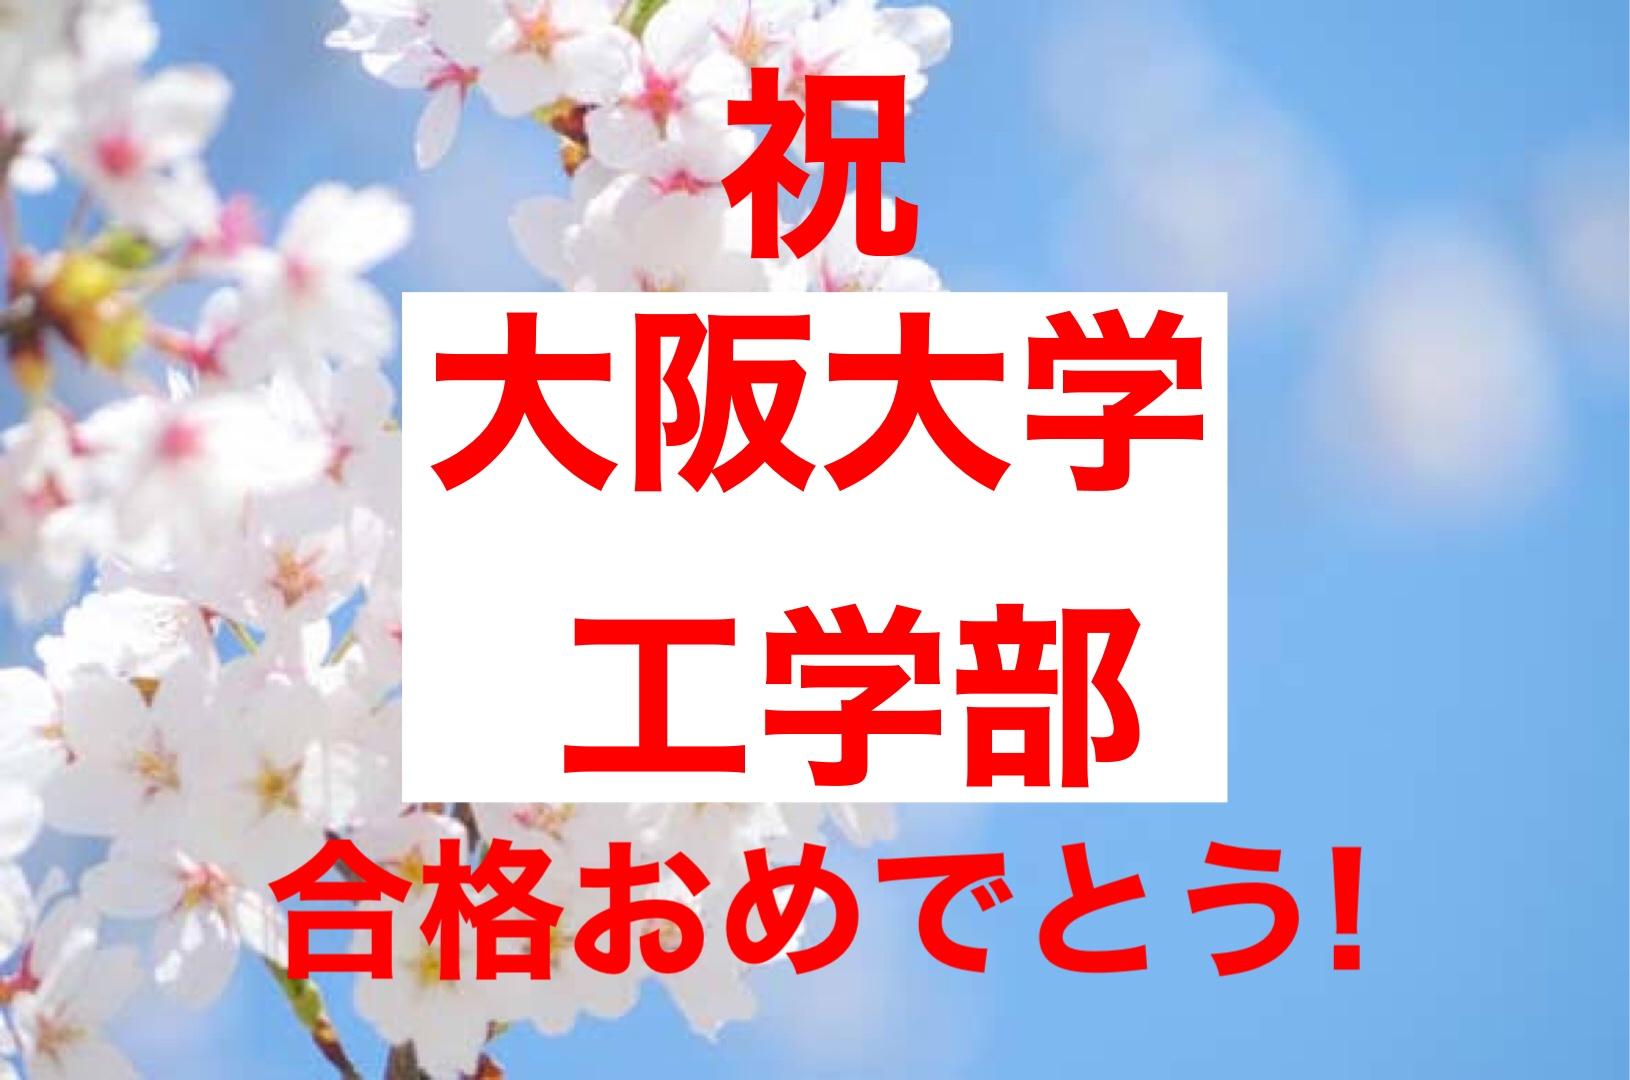 祝!大阪大学工学部合格!!